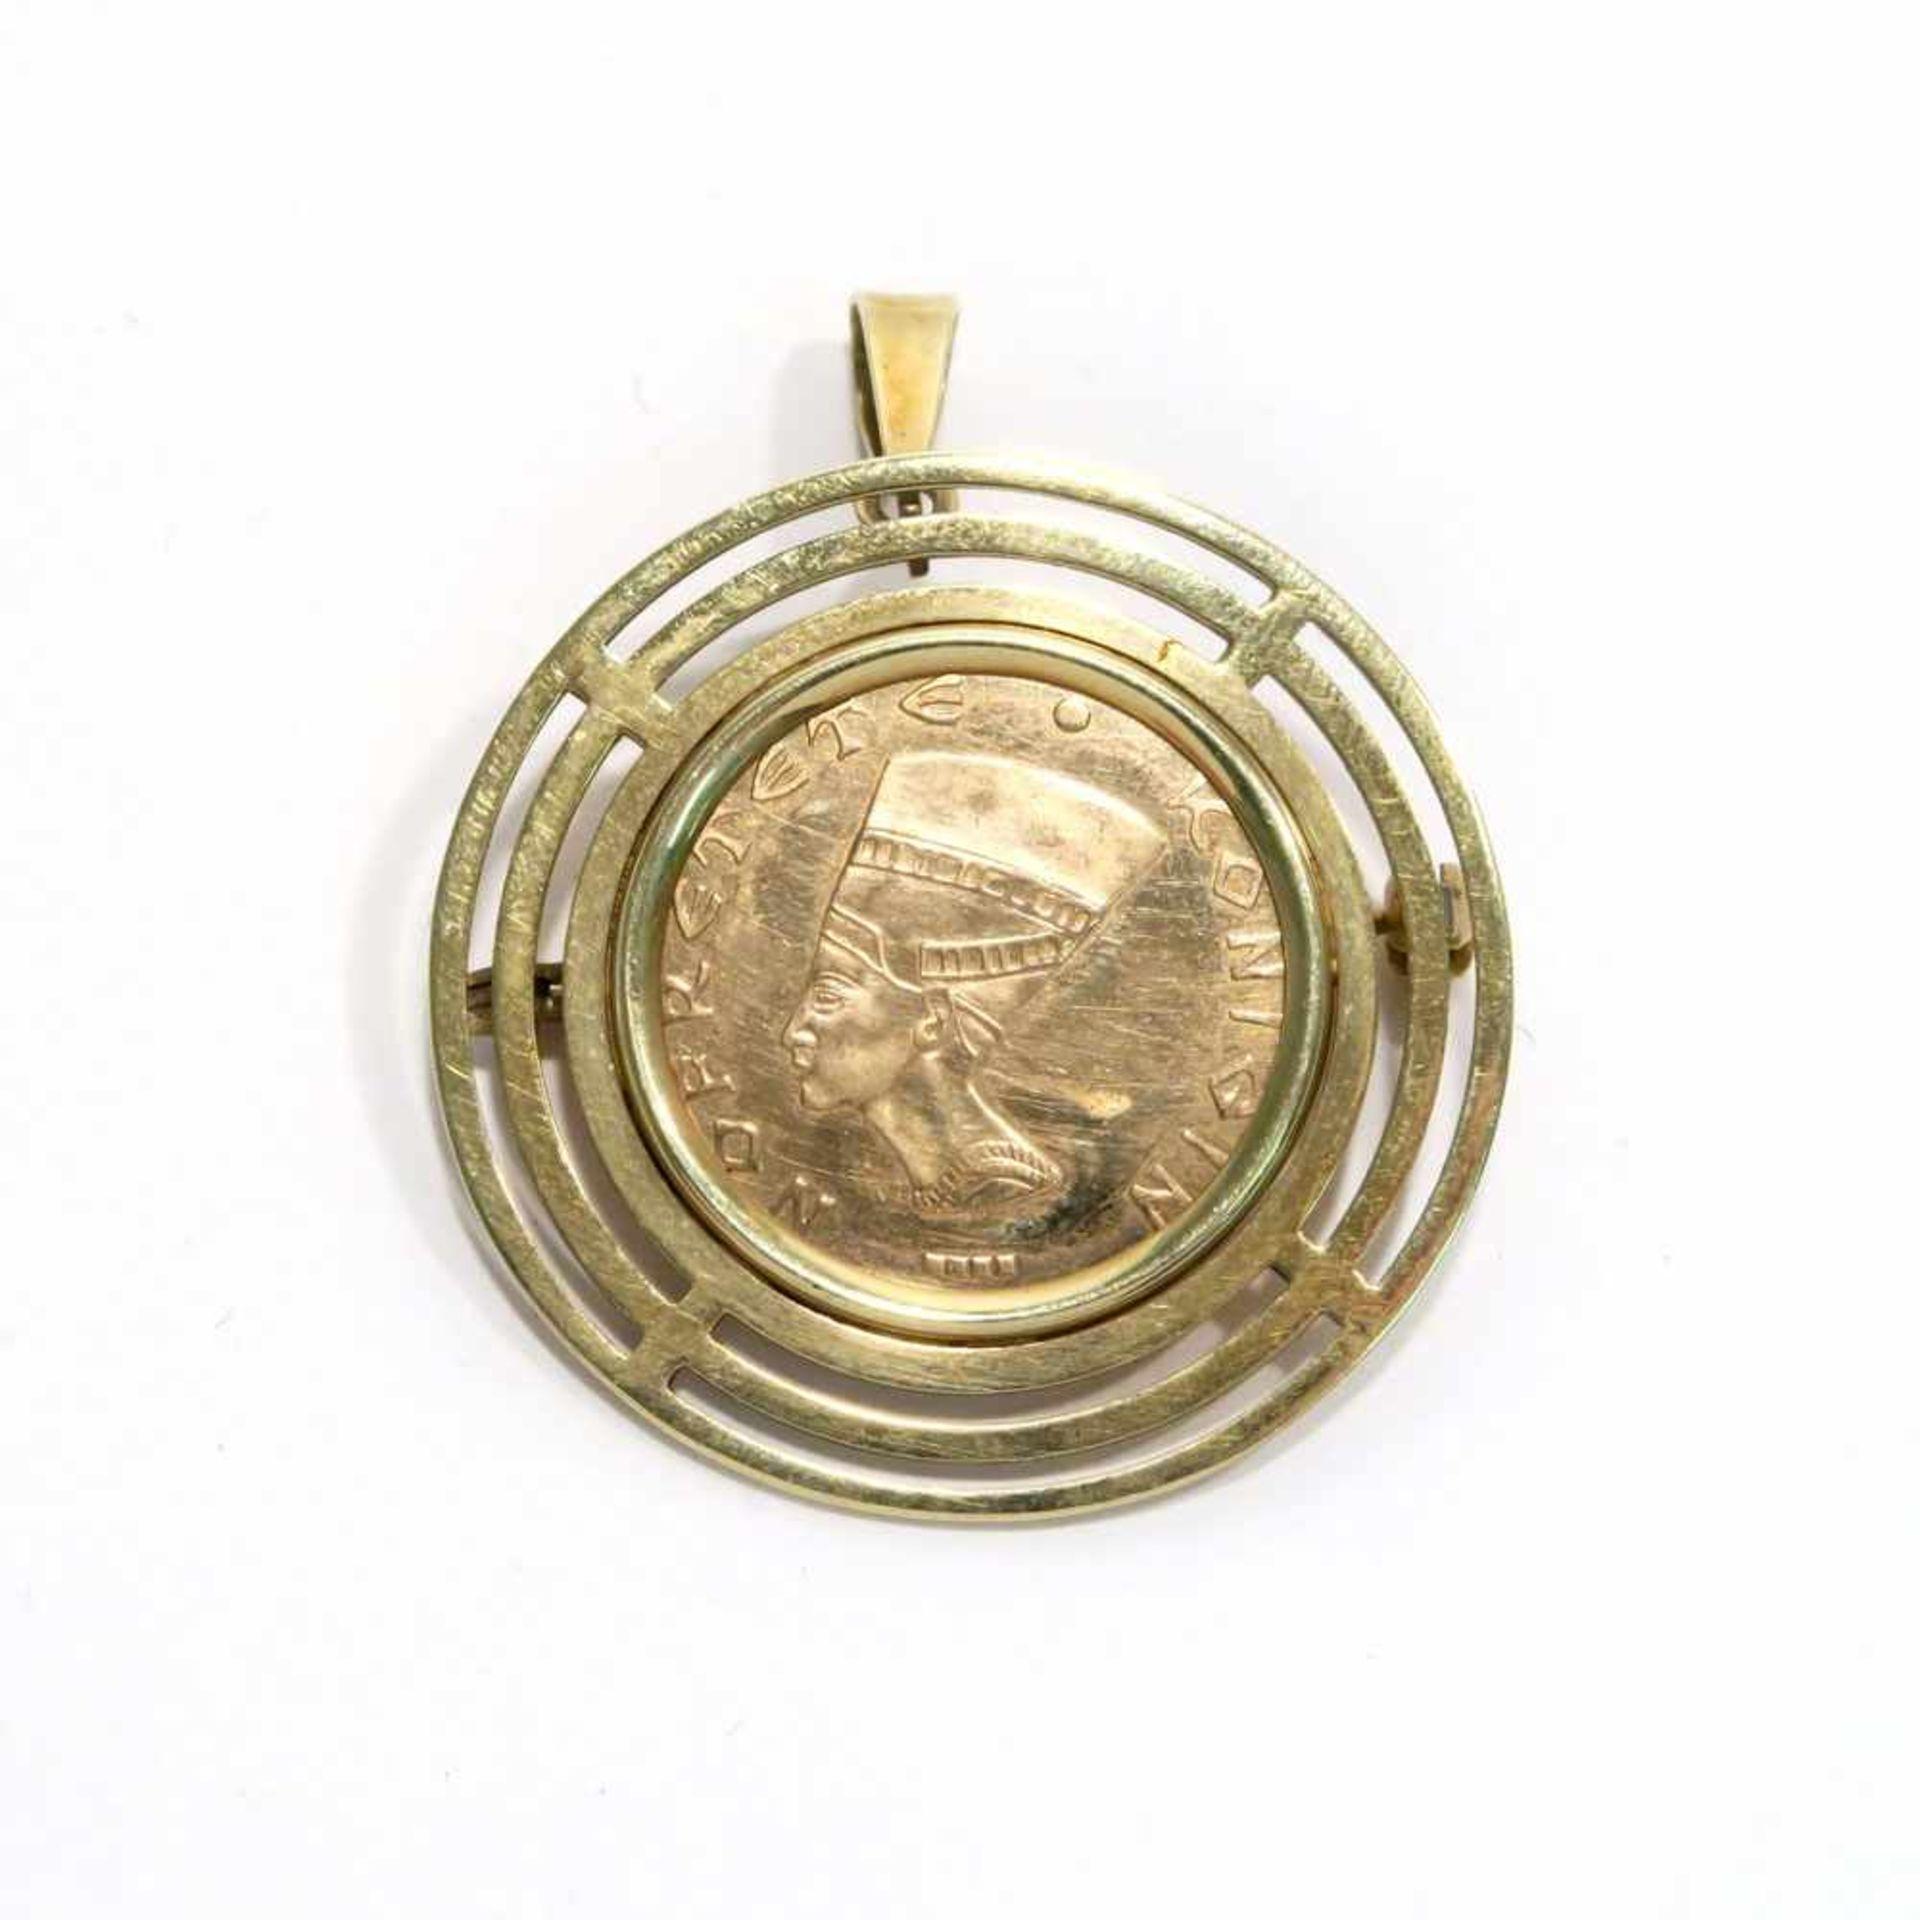 Münzanhänger14 K GG, Marke (585). Durchbrochene runde Rahmung mit Nofretete-Münze. Ø 3,5 cm. Ges.